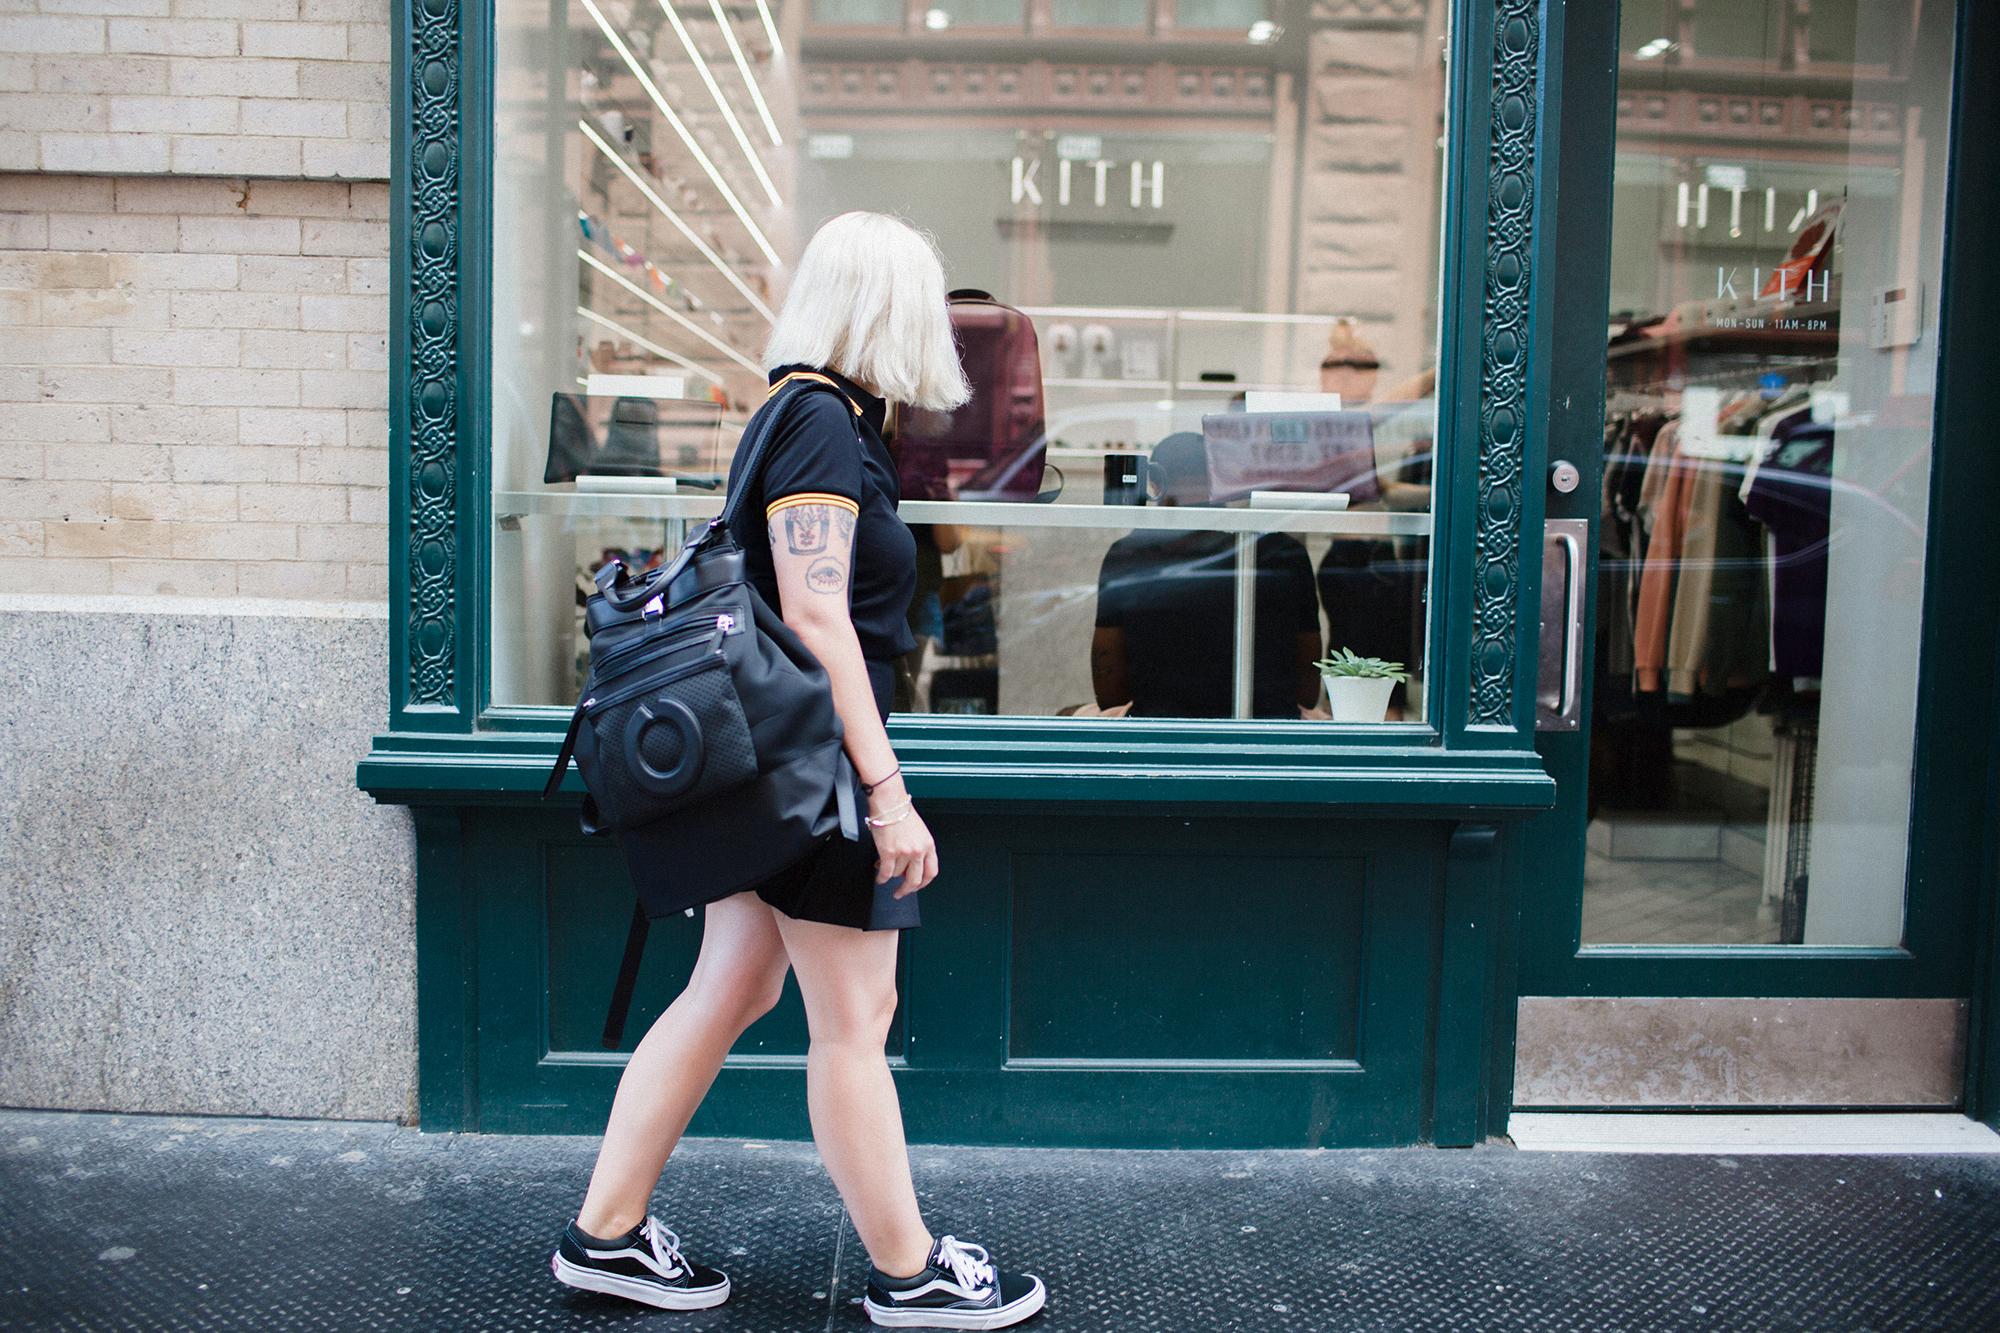 Marissa Smith, Fashion Market Editor at NYLON